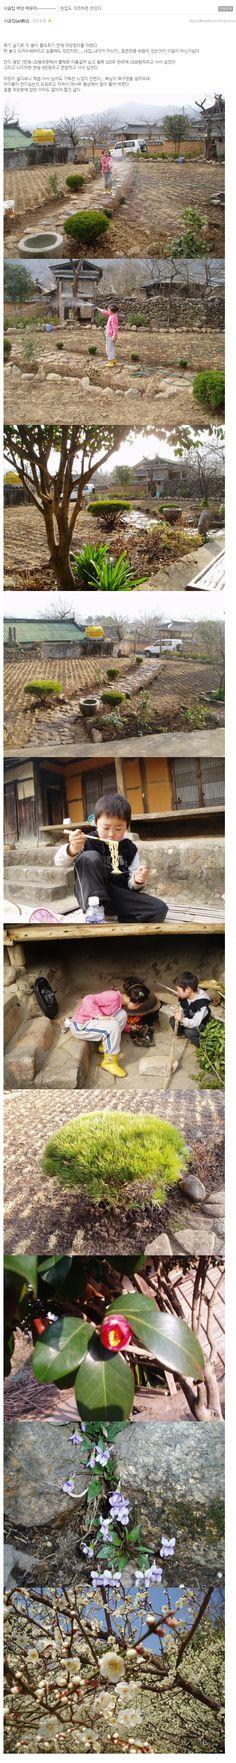 [헌집도 개조하면 멋있다] 시골집 마당 마무리  [출처: http://cafe.naver.com/kimyoooo]